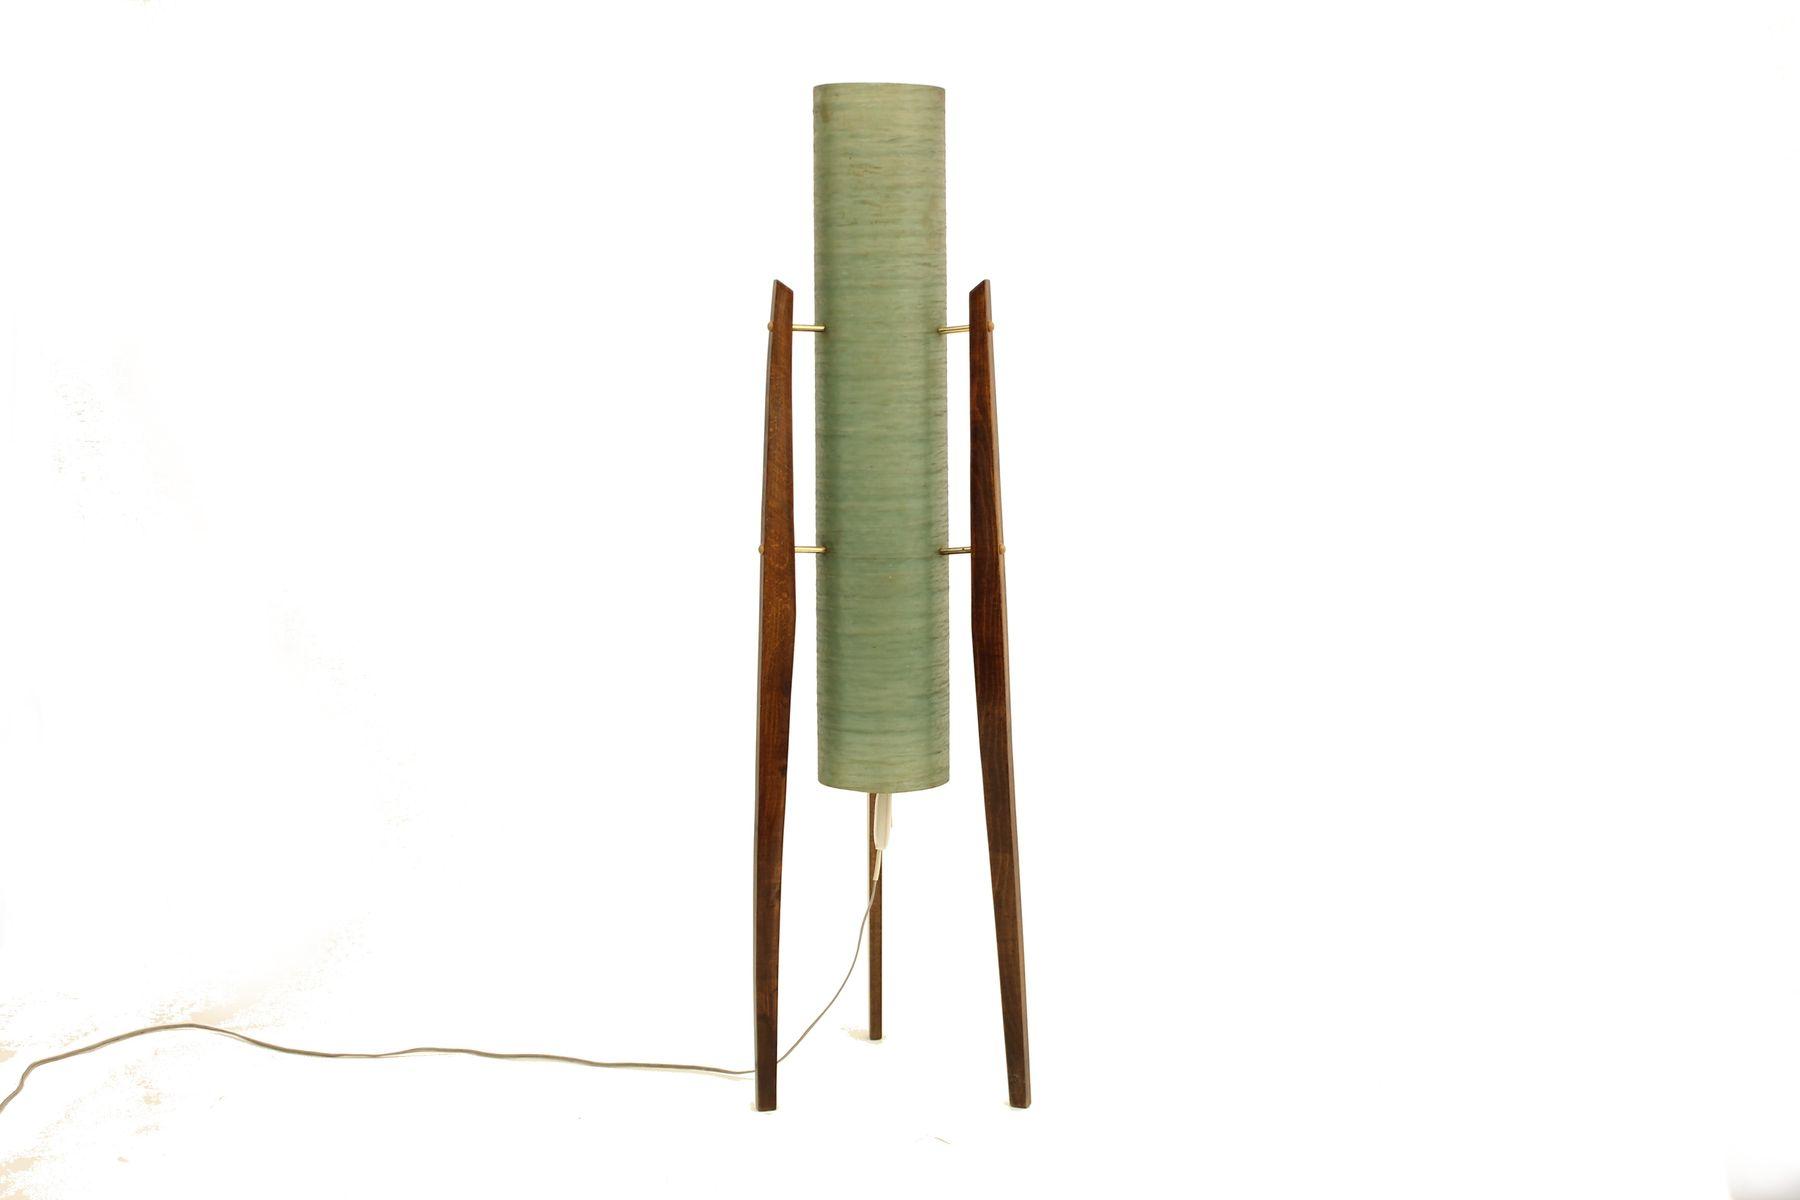 Lampe tripod rocket mid century en fibre de verre en vente sur pamono - Lampe fibre de verre ...